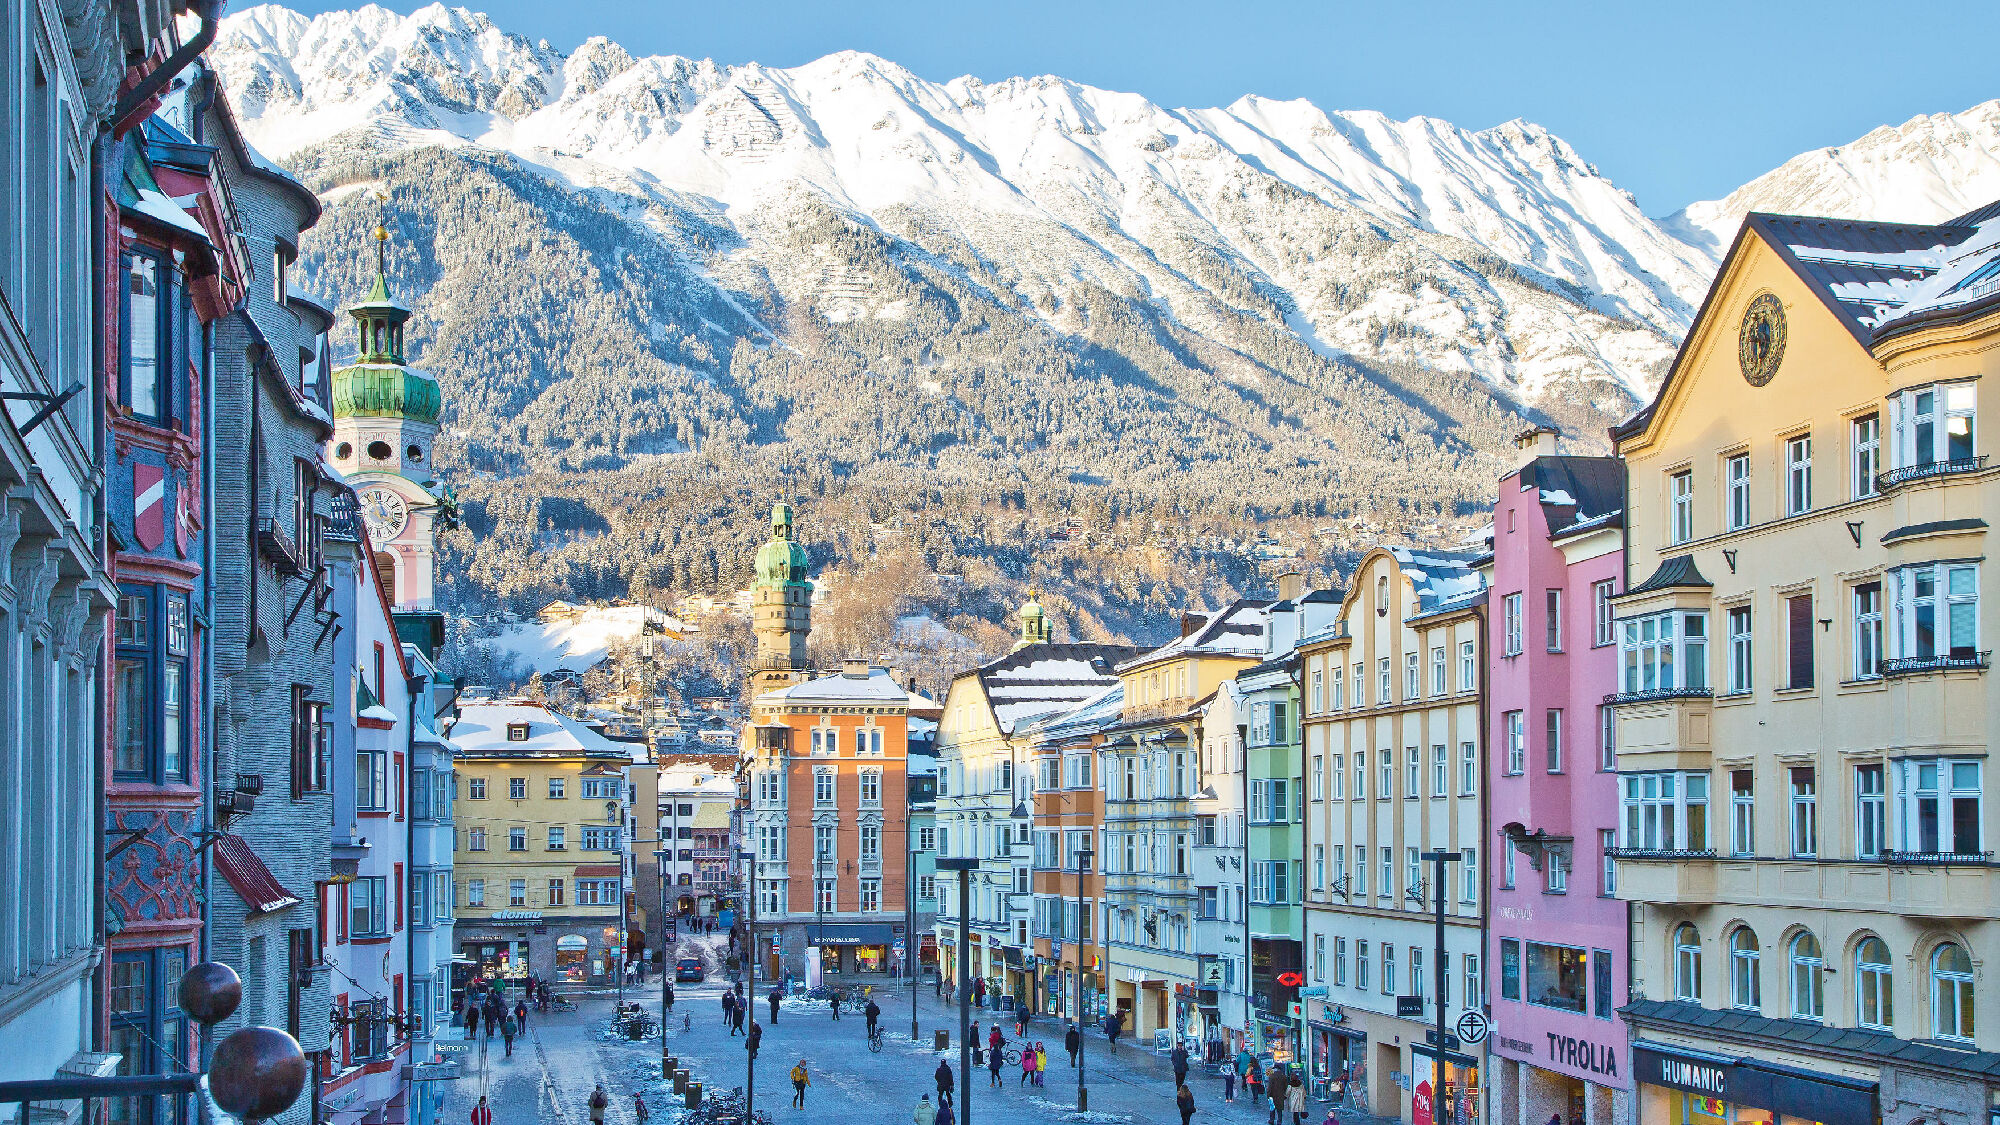 Blick auf die Innenstadt von Innsbruck